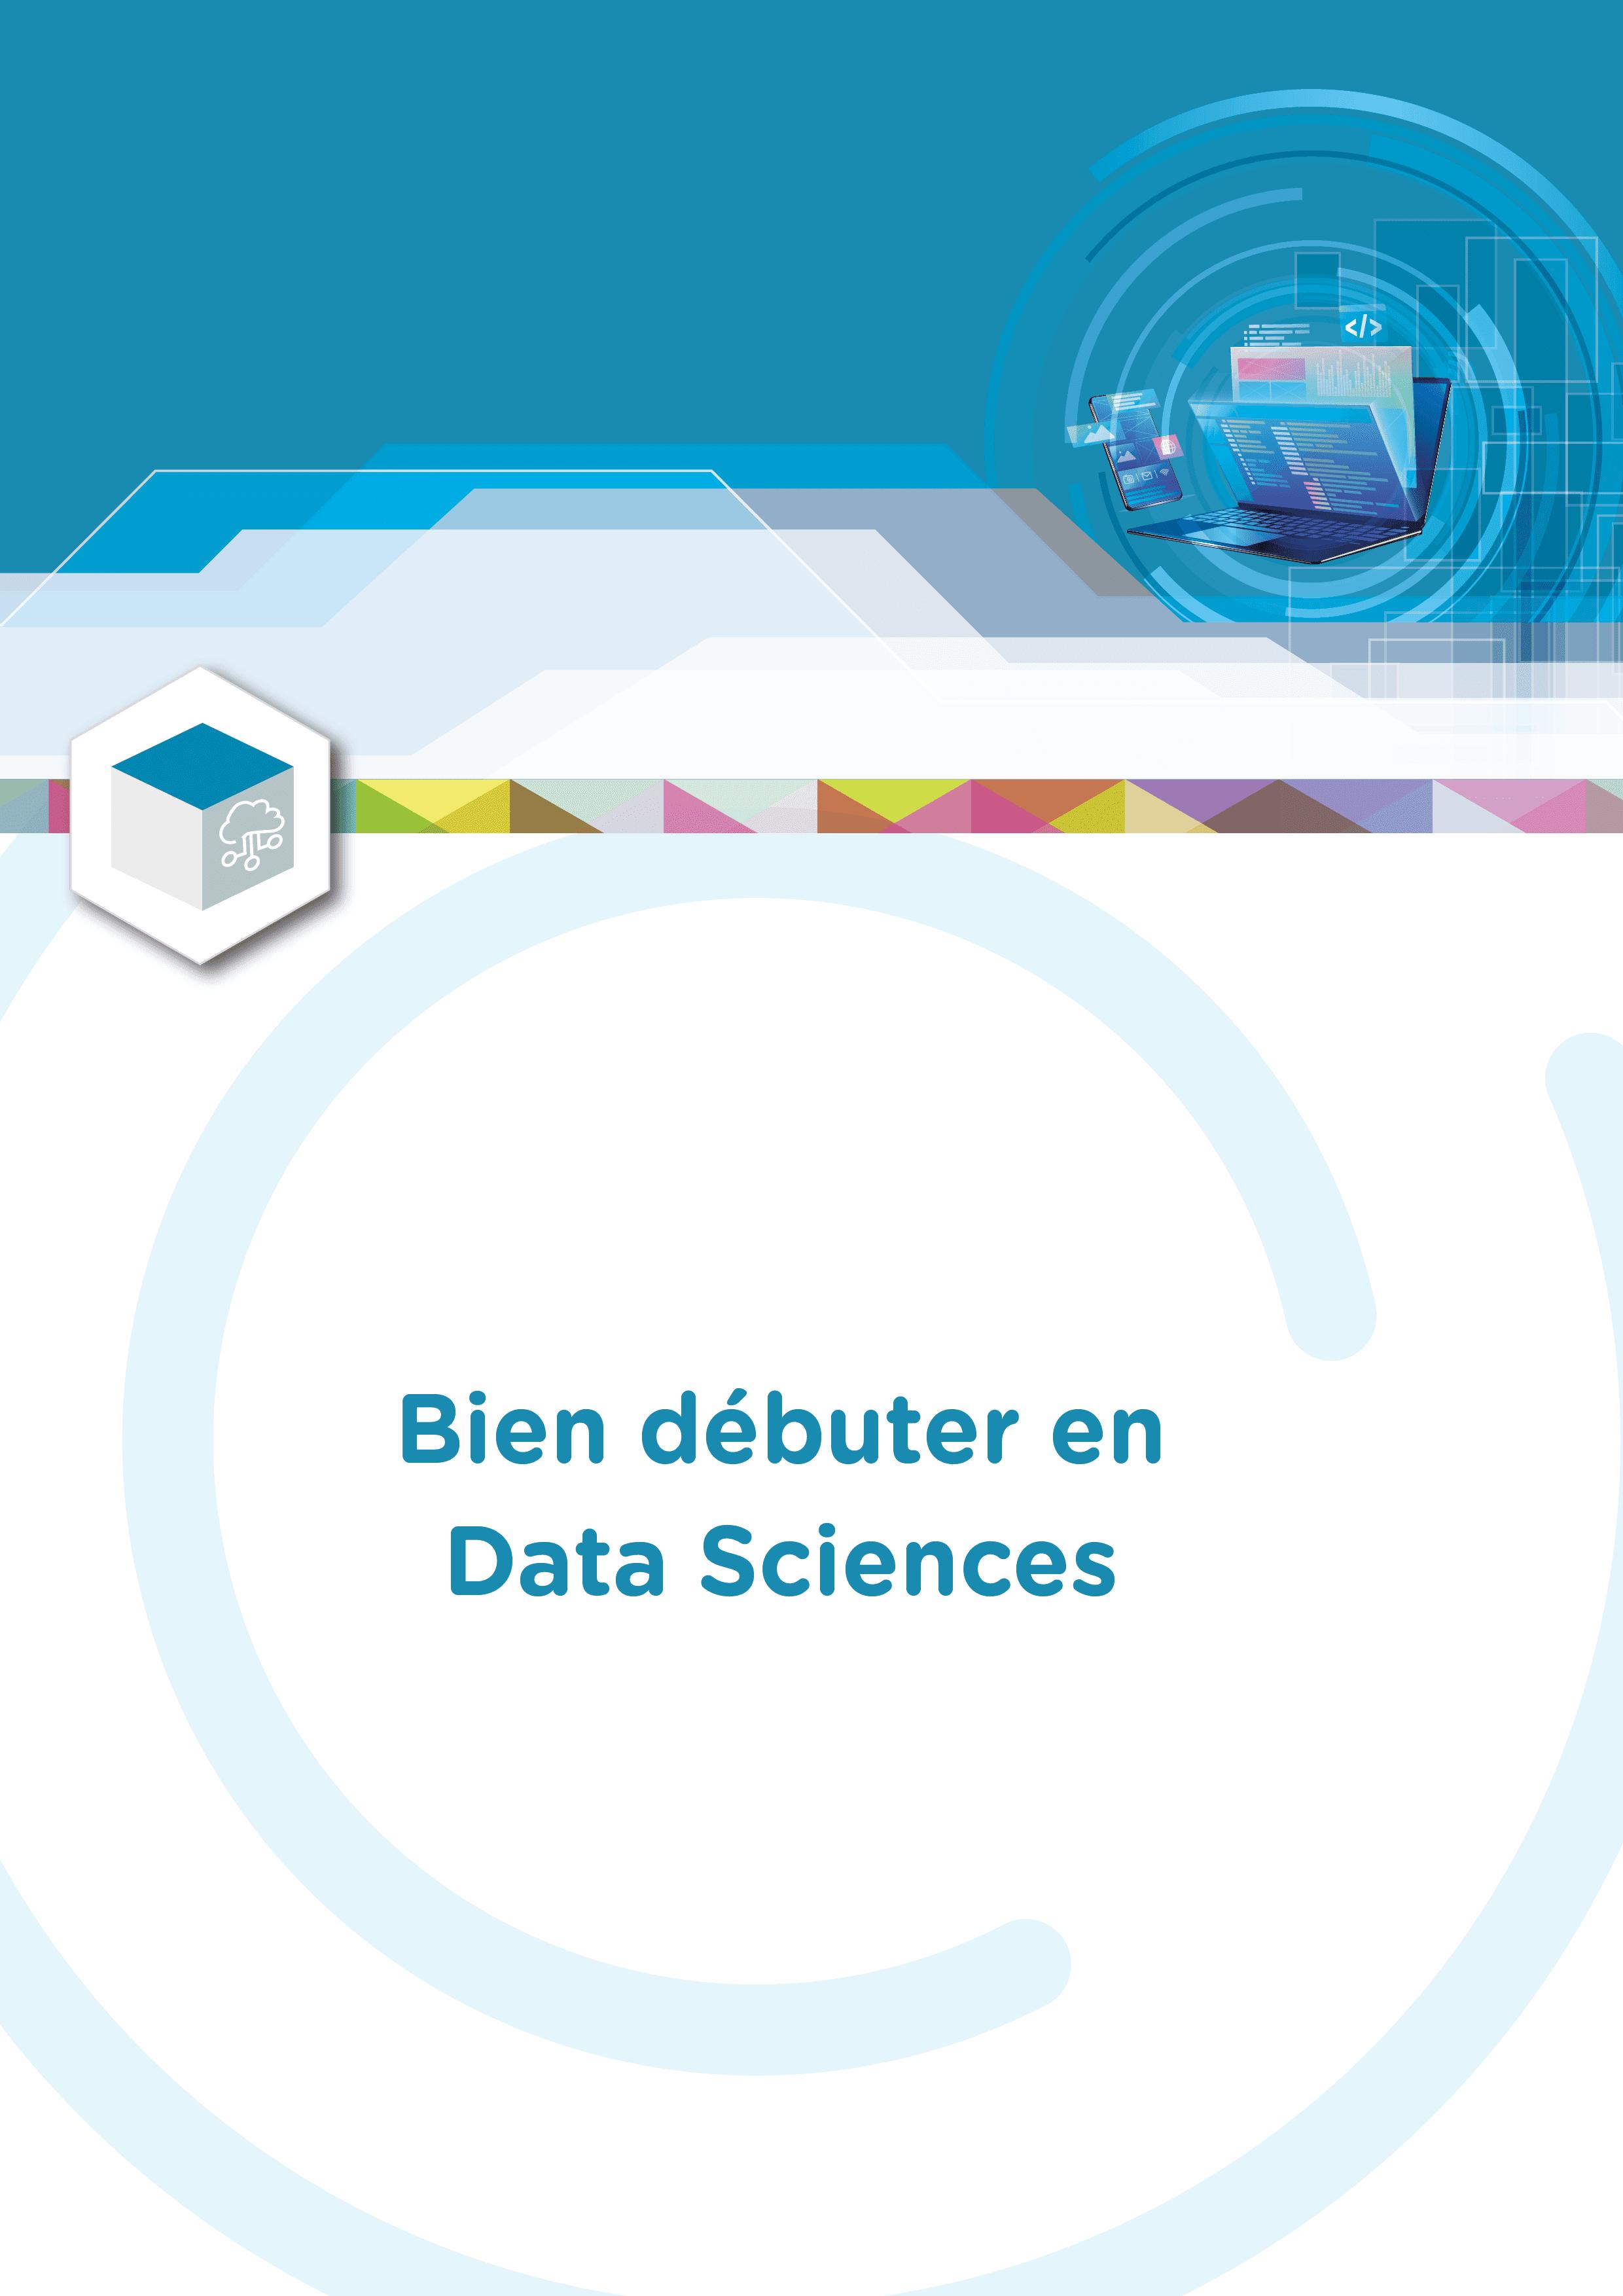 Bien débuter en Data Sciences